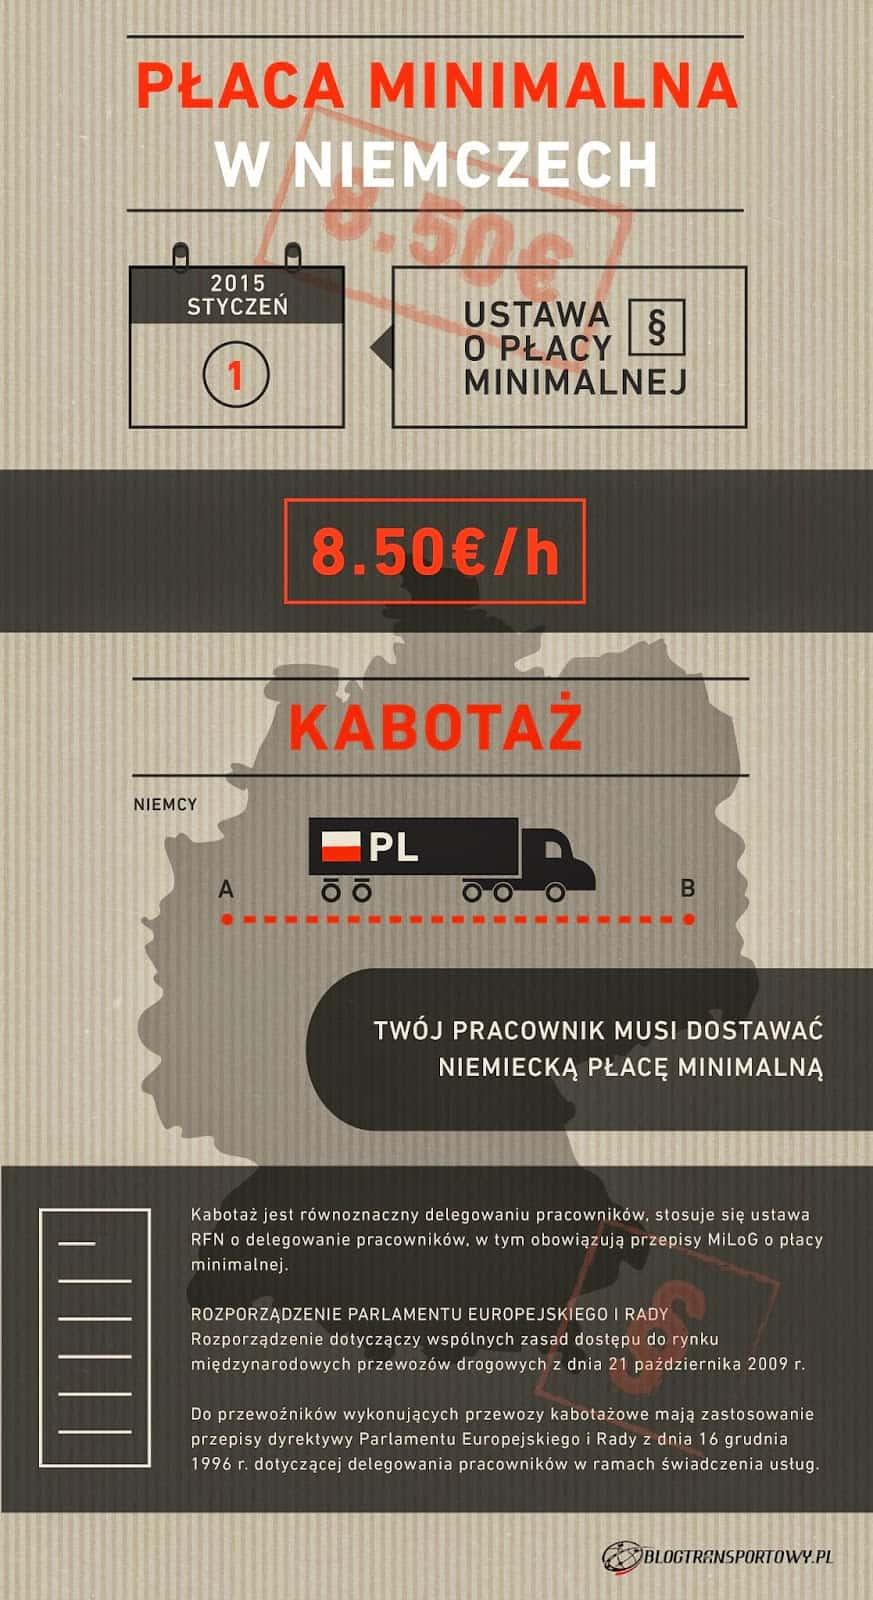 Płaca minimalna w Niemczech - Kabotaż